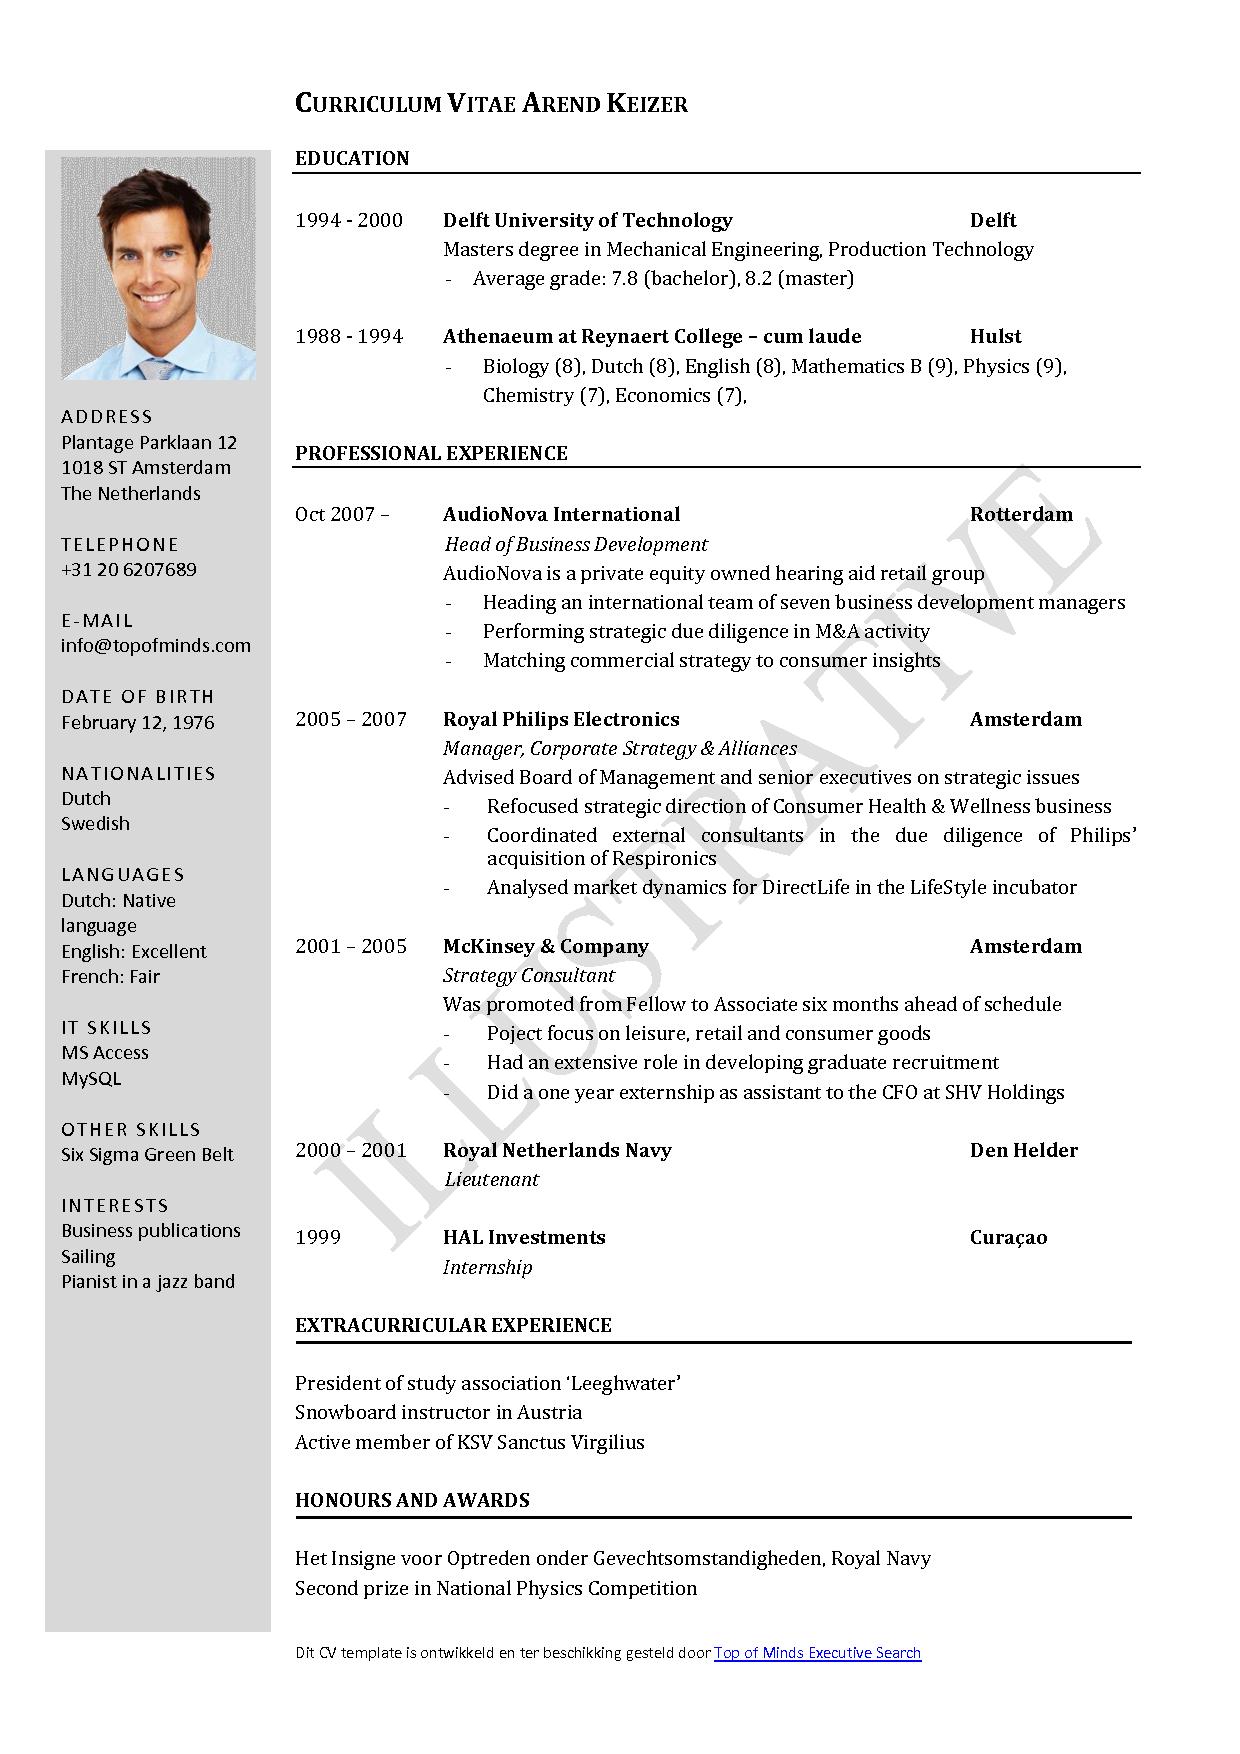 resume cv in word